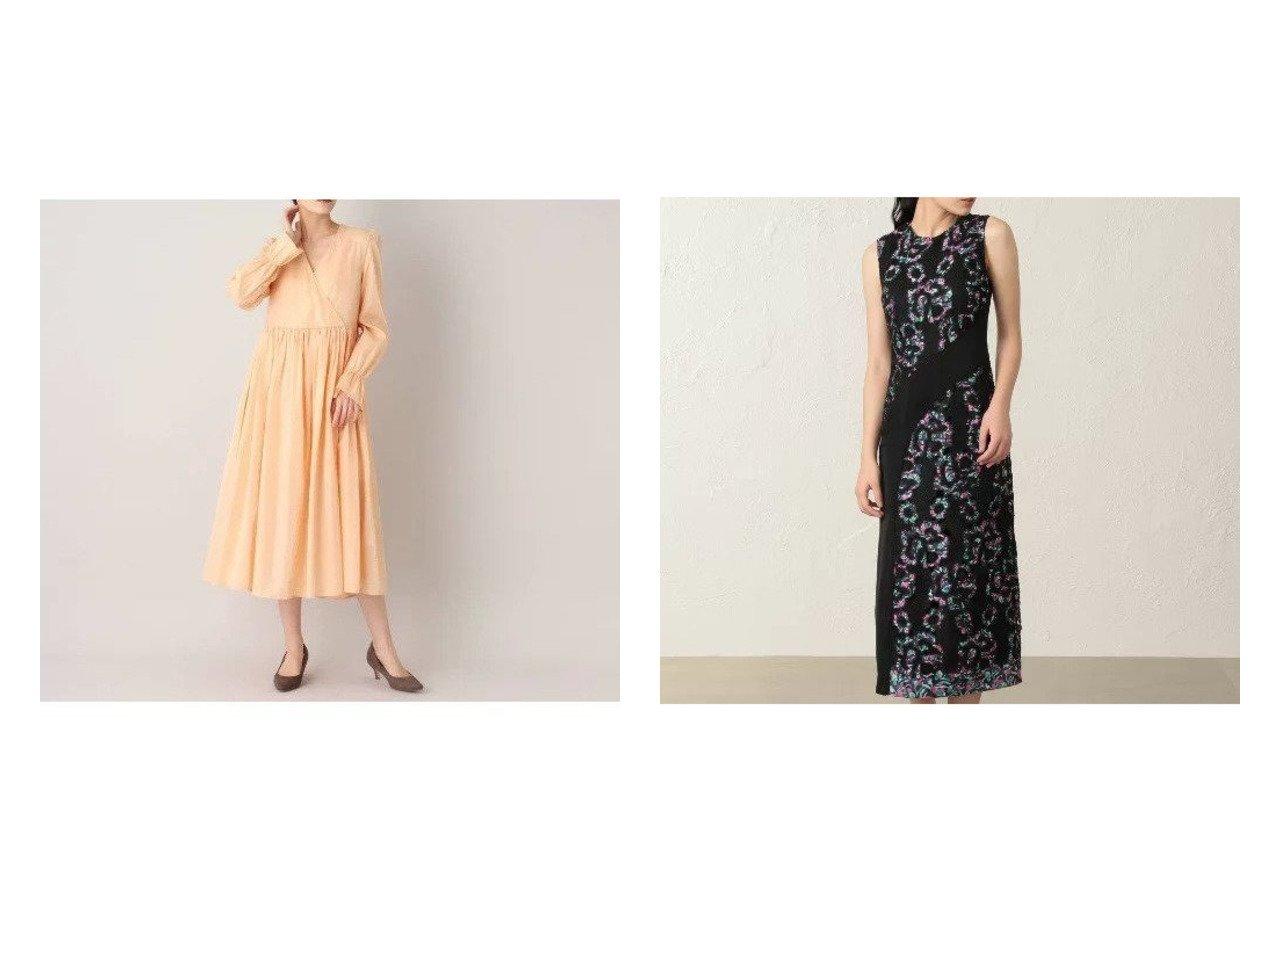 【aquagirl/アクアガール】のBAUM UND PFERDGARTEN カシュクールドレス&【EPOCA THE SHOP/エポカ ザ ショップ】の【Diane von Furstenberg】マルチカラーレースドレス ワンピース・ドレスのおすすめ!人気、レディースファッションの通販 おすすめで人気のファッション通販商品 インテリア・家具・キッズファッション・メンズファッション・レディースファッション・服の通販 founy(ファニー) https://founy.com/ ファッション Fashion レディース WOMEN ワンピース Dress ドレス Party Dresses エレガント カシュクール ギャザー シャイニー ドレス フェイス フォーマル リュクス ロマンティック プリント ラップ レース  ID:crp329100000001353